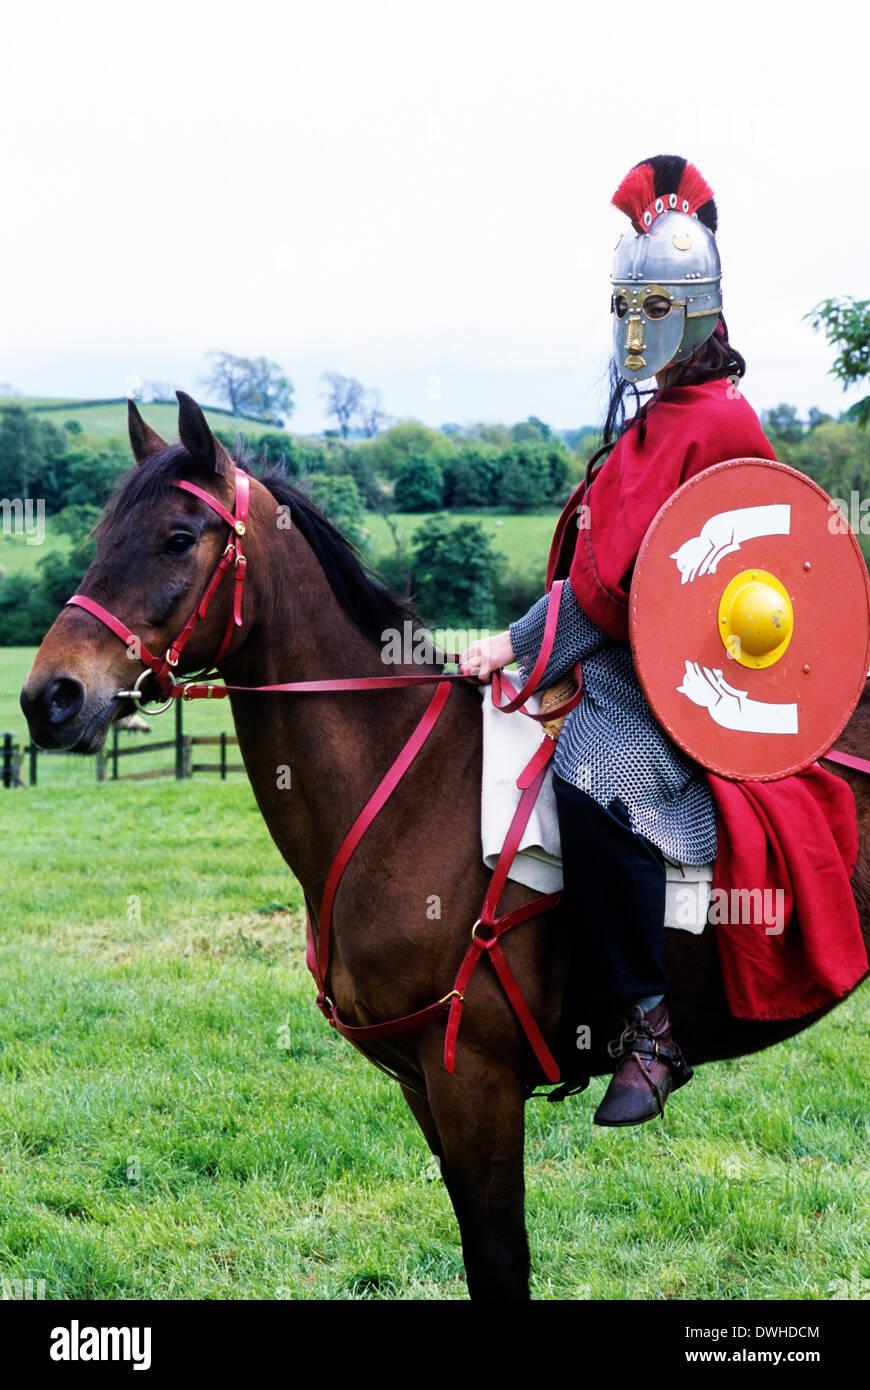 Romano-britischen Krieger Soldat Soldaten auf dem Pferderücken, 5. Jahrhundert Kavallerie Reenactment England UK Stockbild